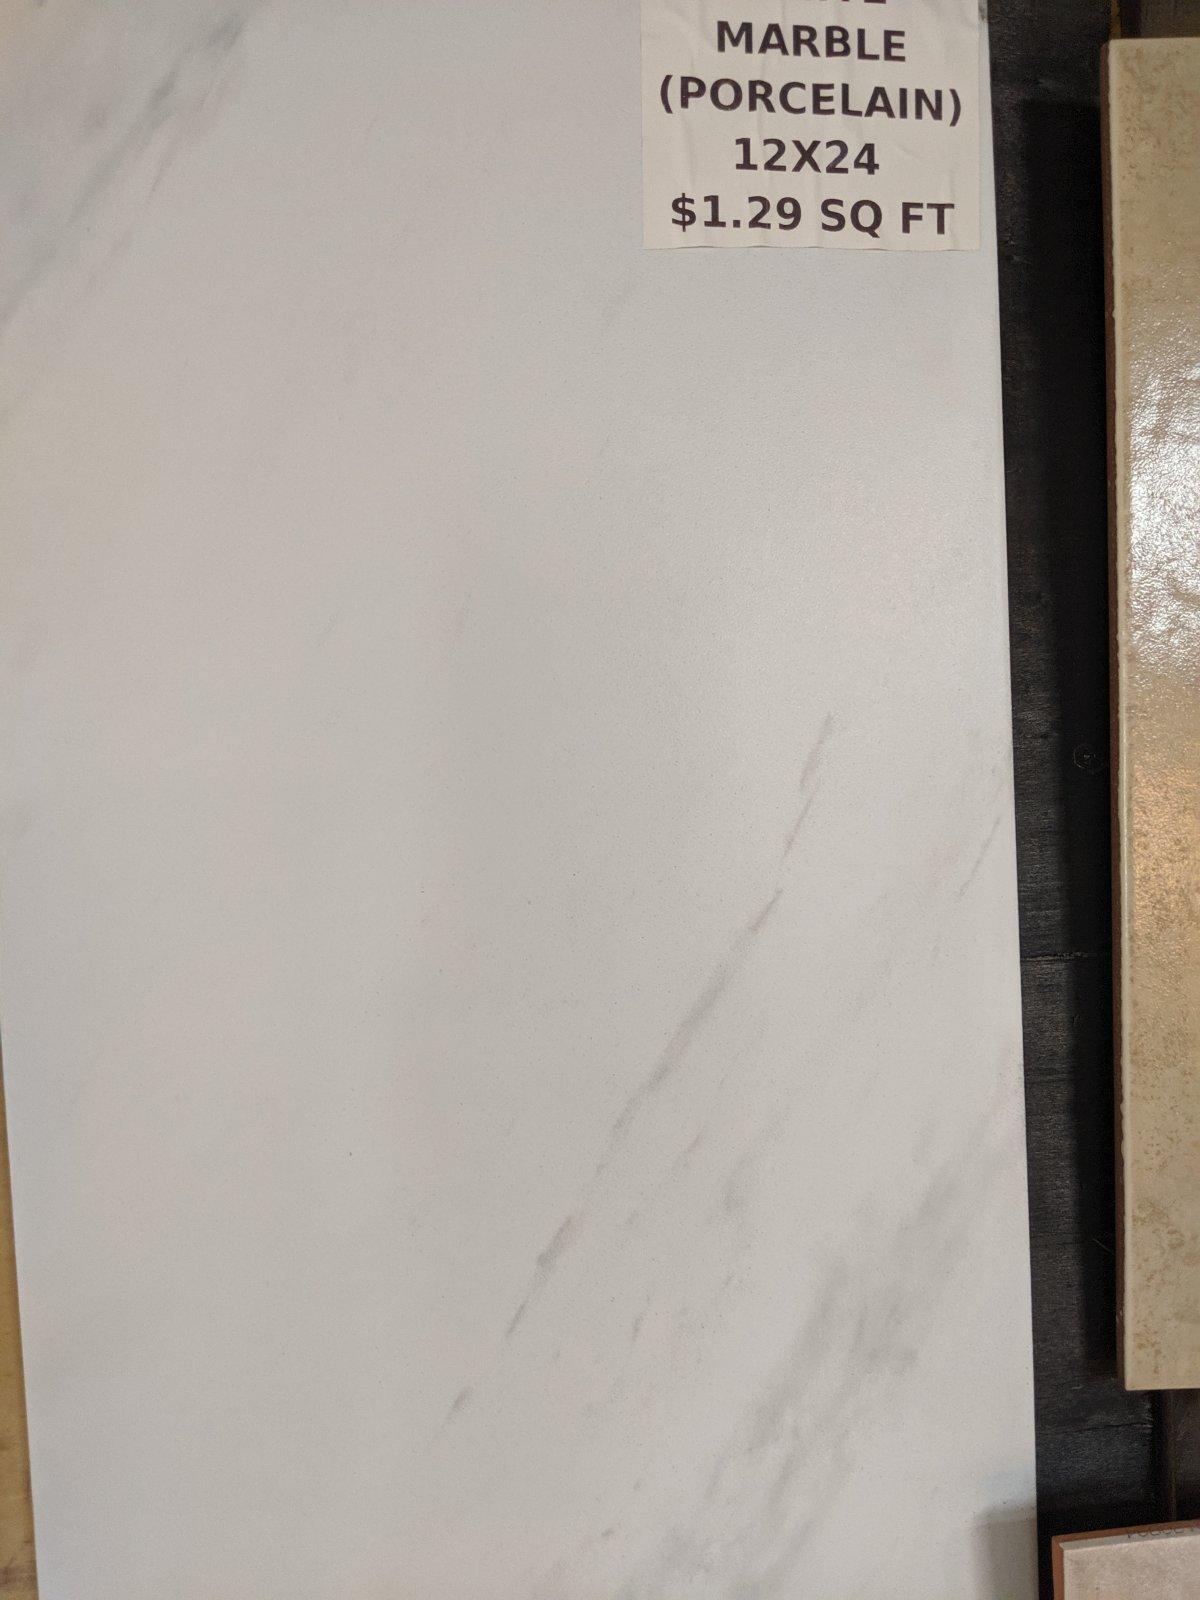 WHITE MARBLE (PORCELAIN)